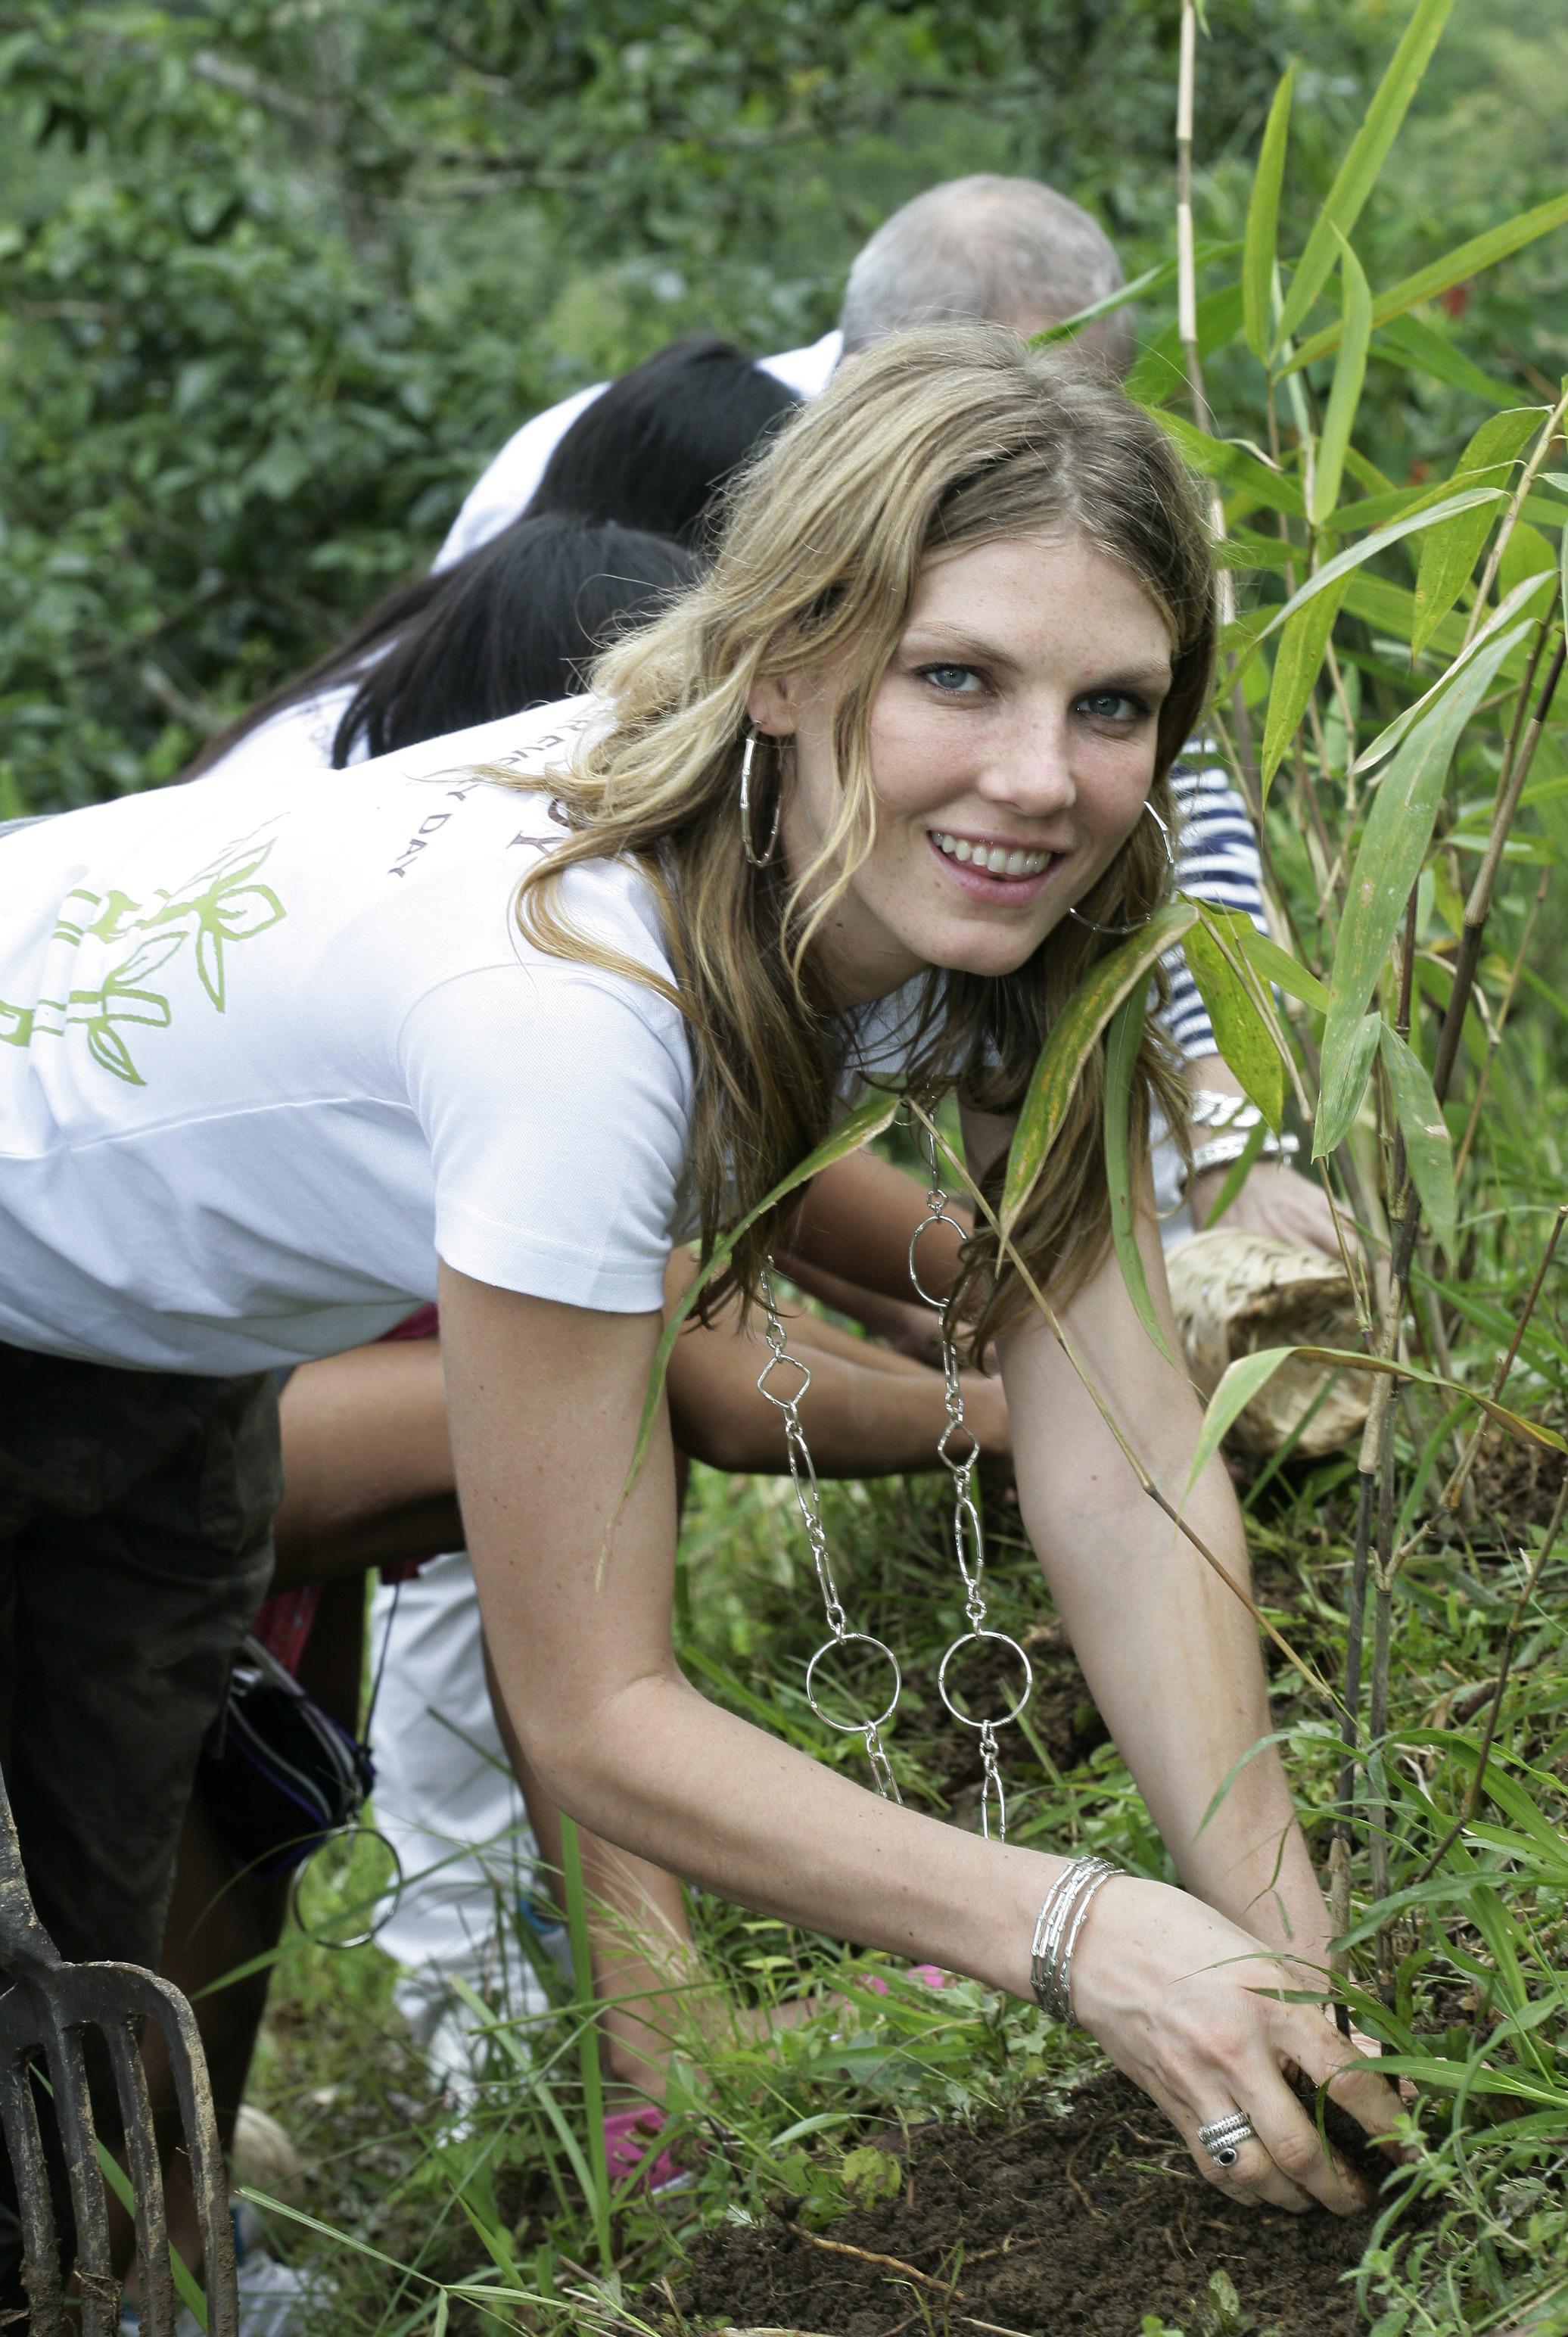 Handväska Wikipedia : Angela lindvall tidl?s personlig stil audrey